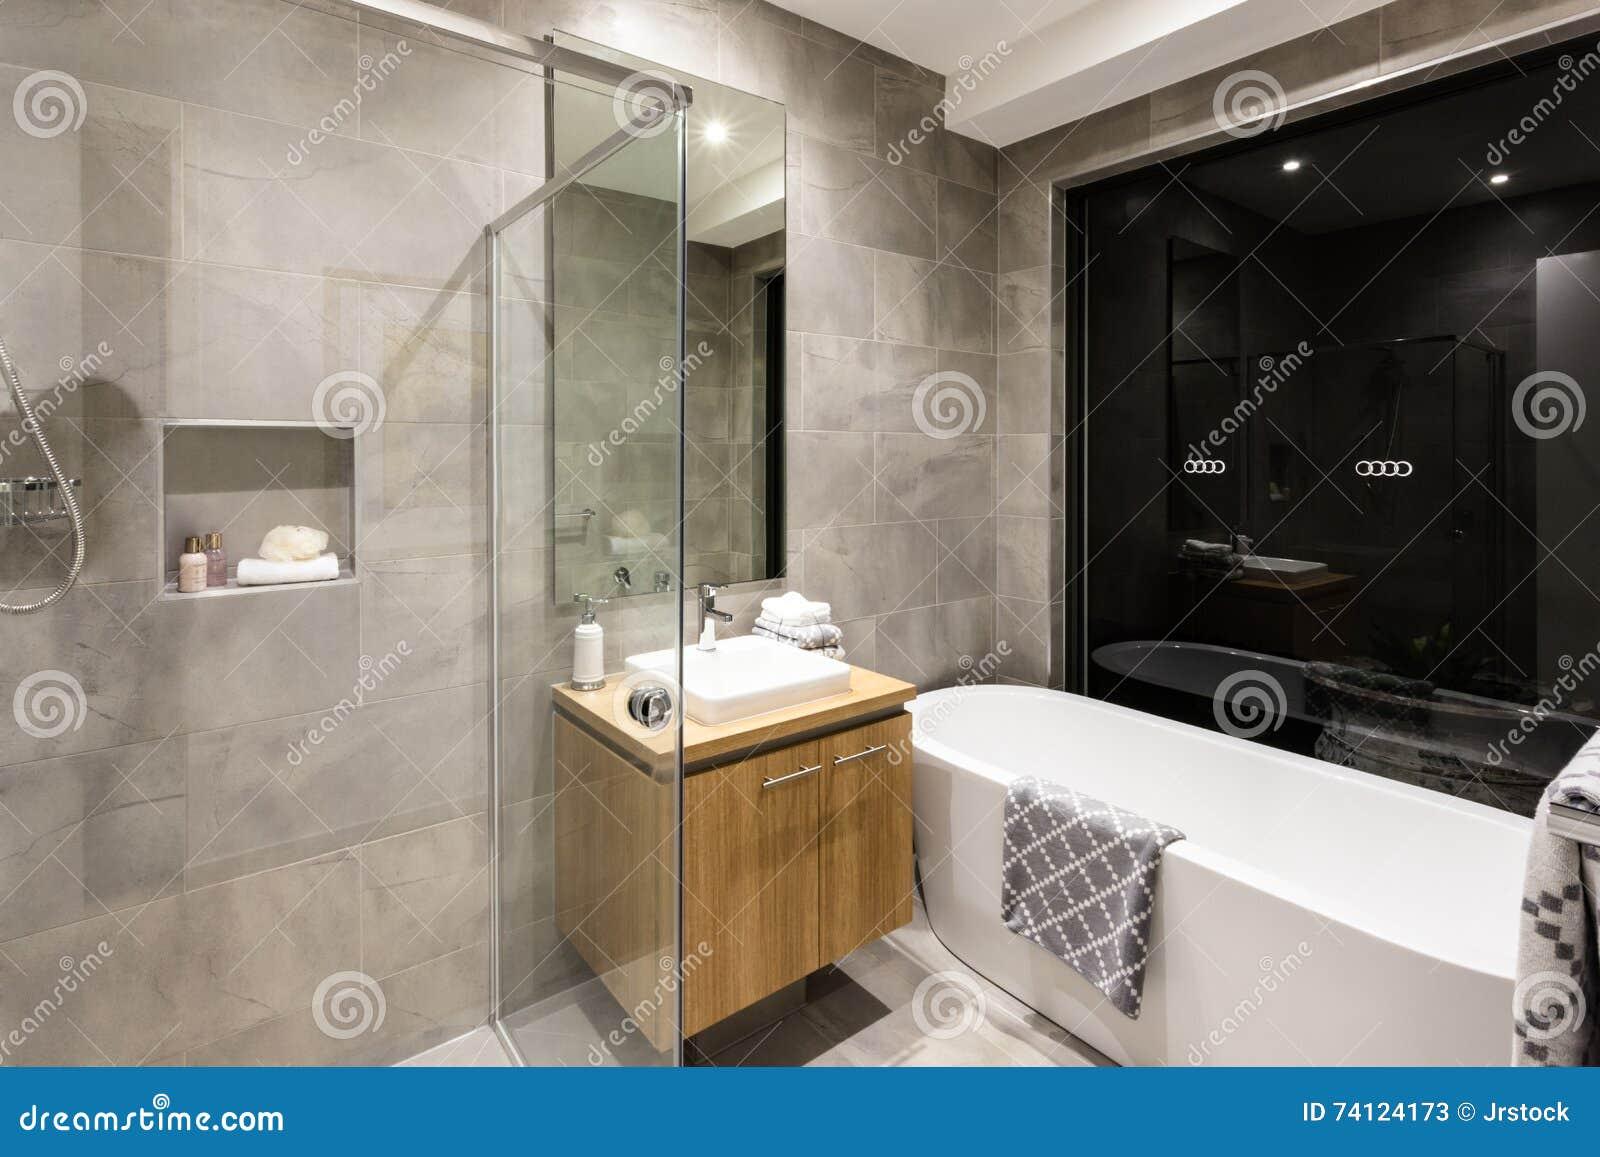 Bagno moderno con una doccia e una vasca immagine stock immagine di grigio bathtub 74124173 - Bagno moderno con doccia ...